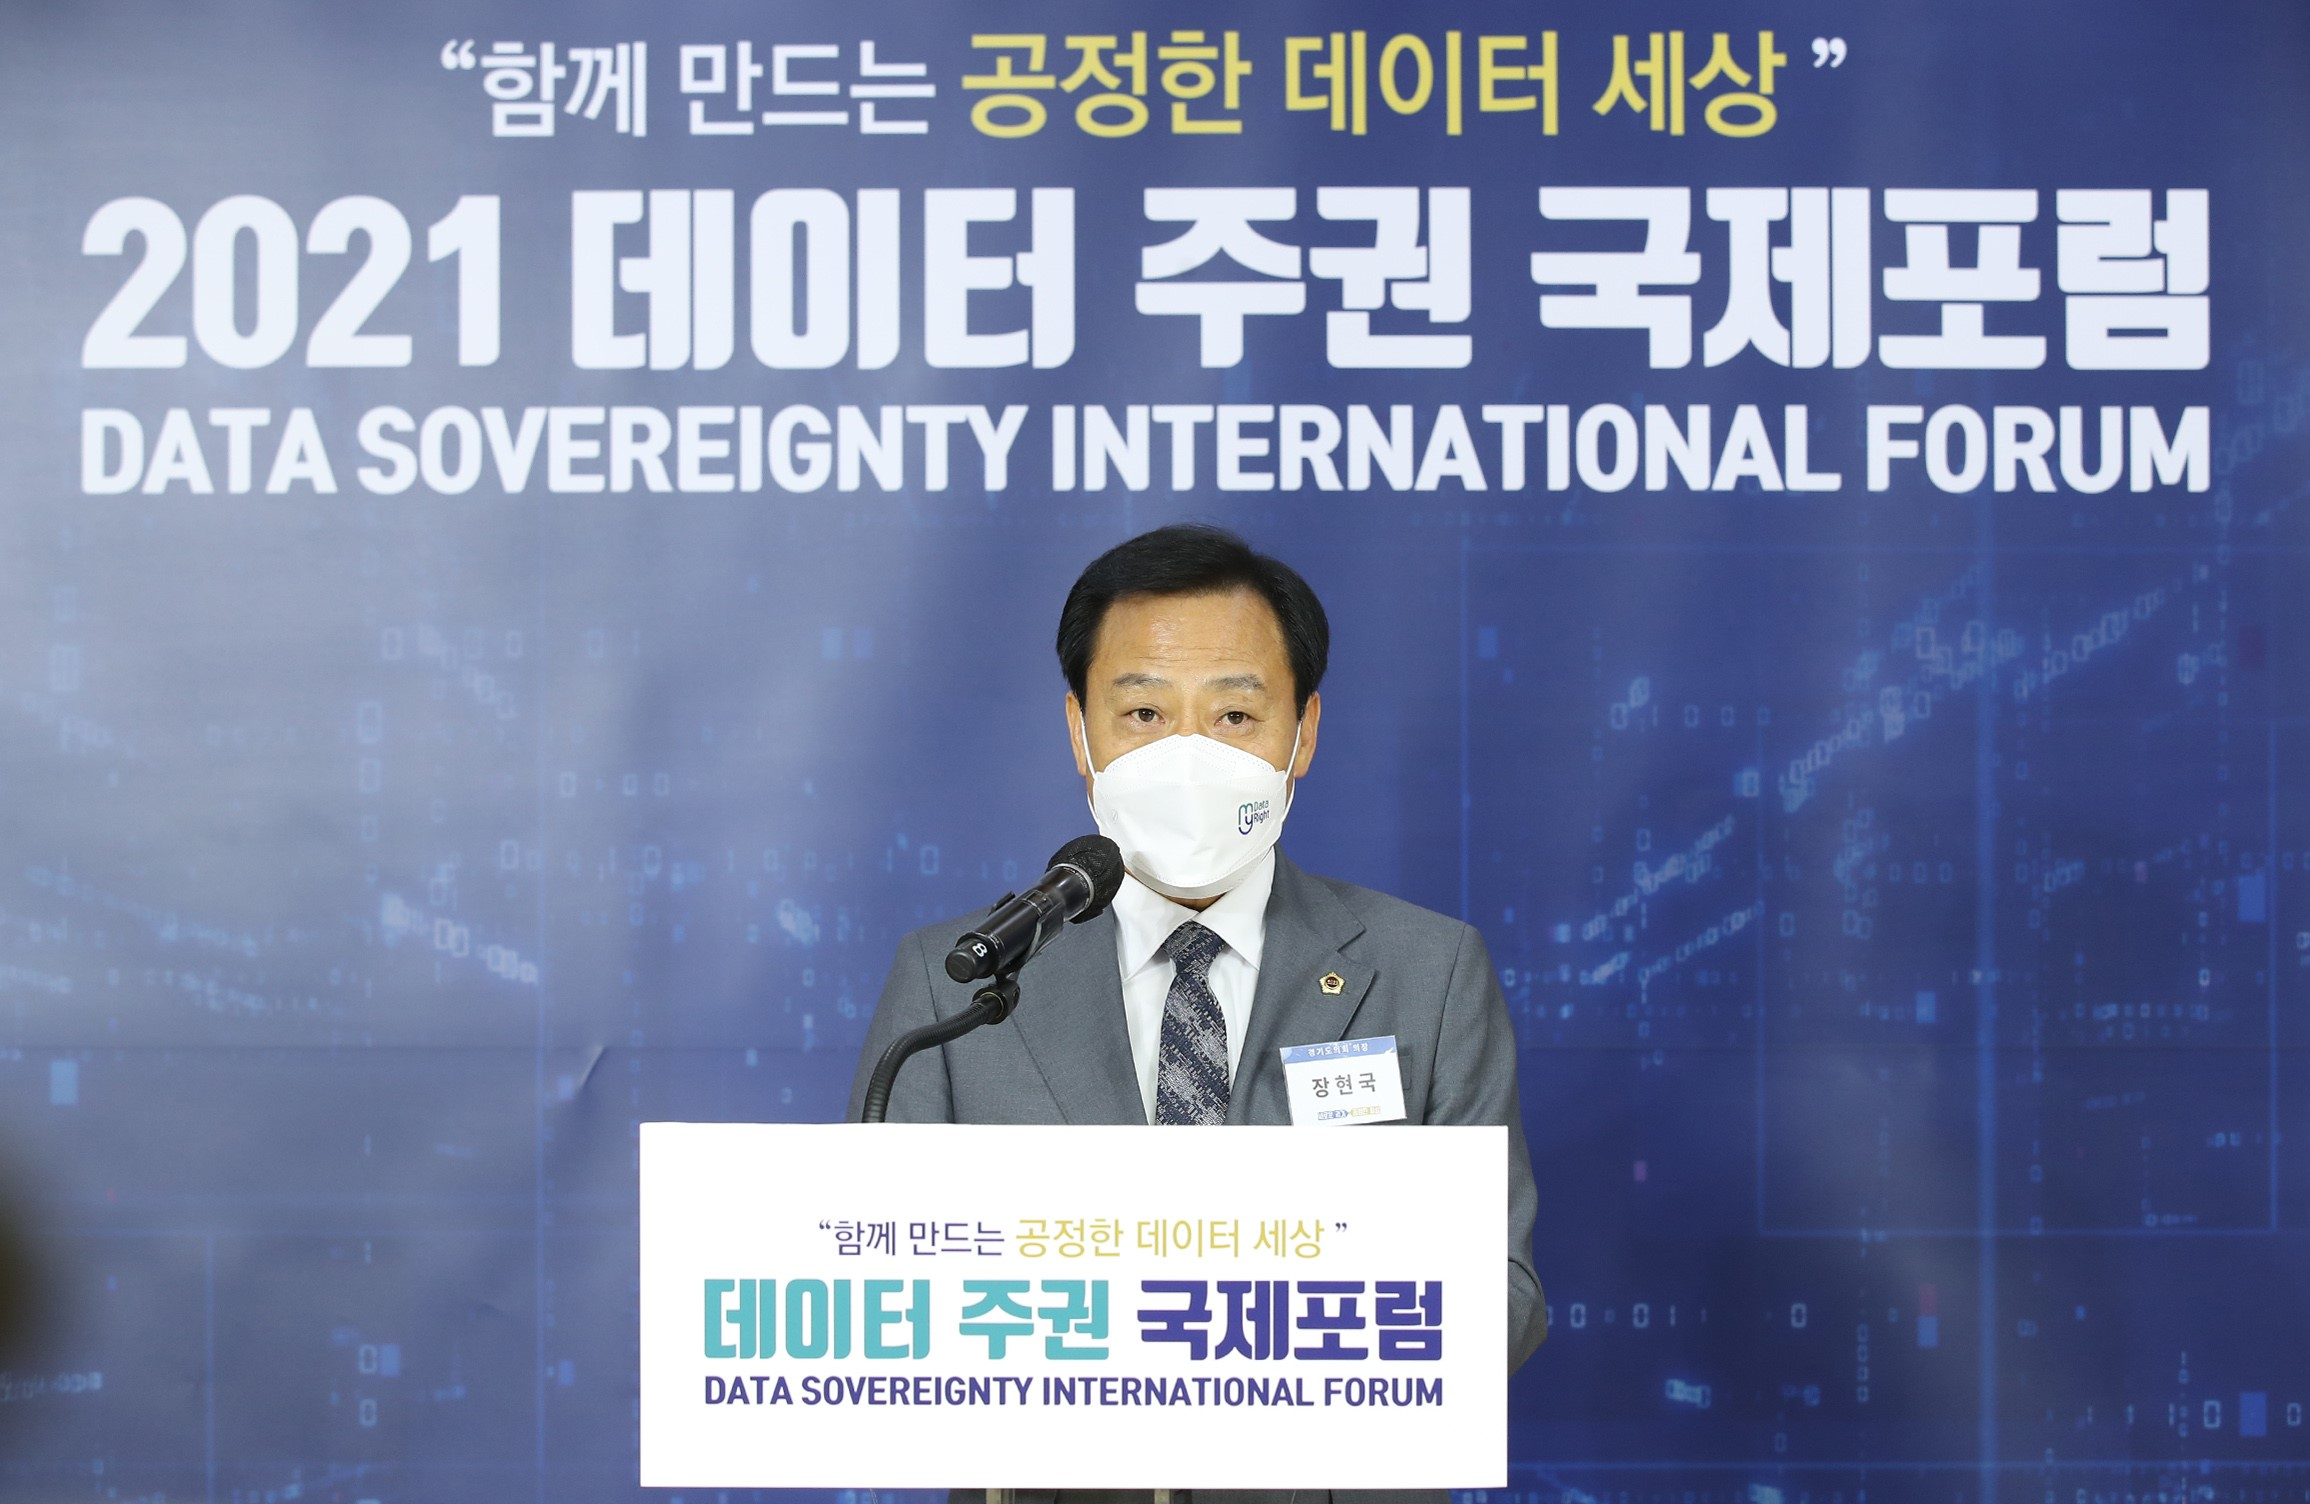 장현국 도의장, '2021 데이터 주권 국제포럼' 개회식 참석